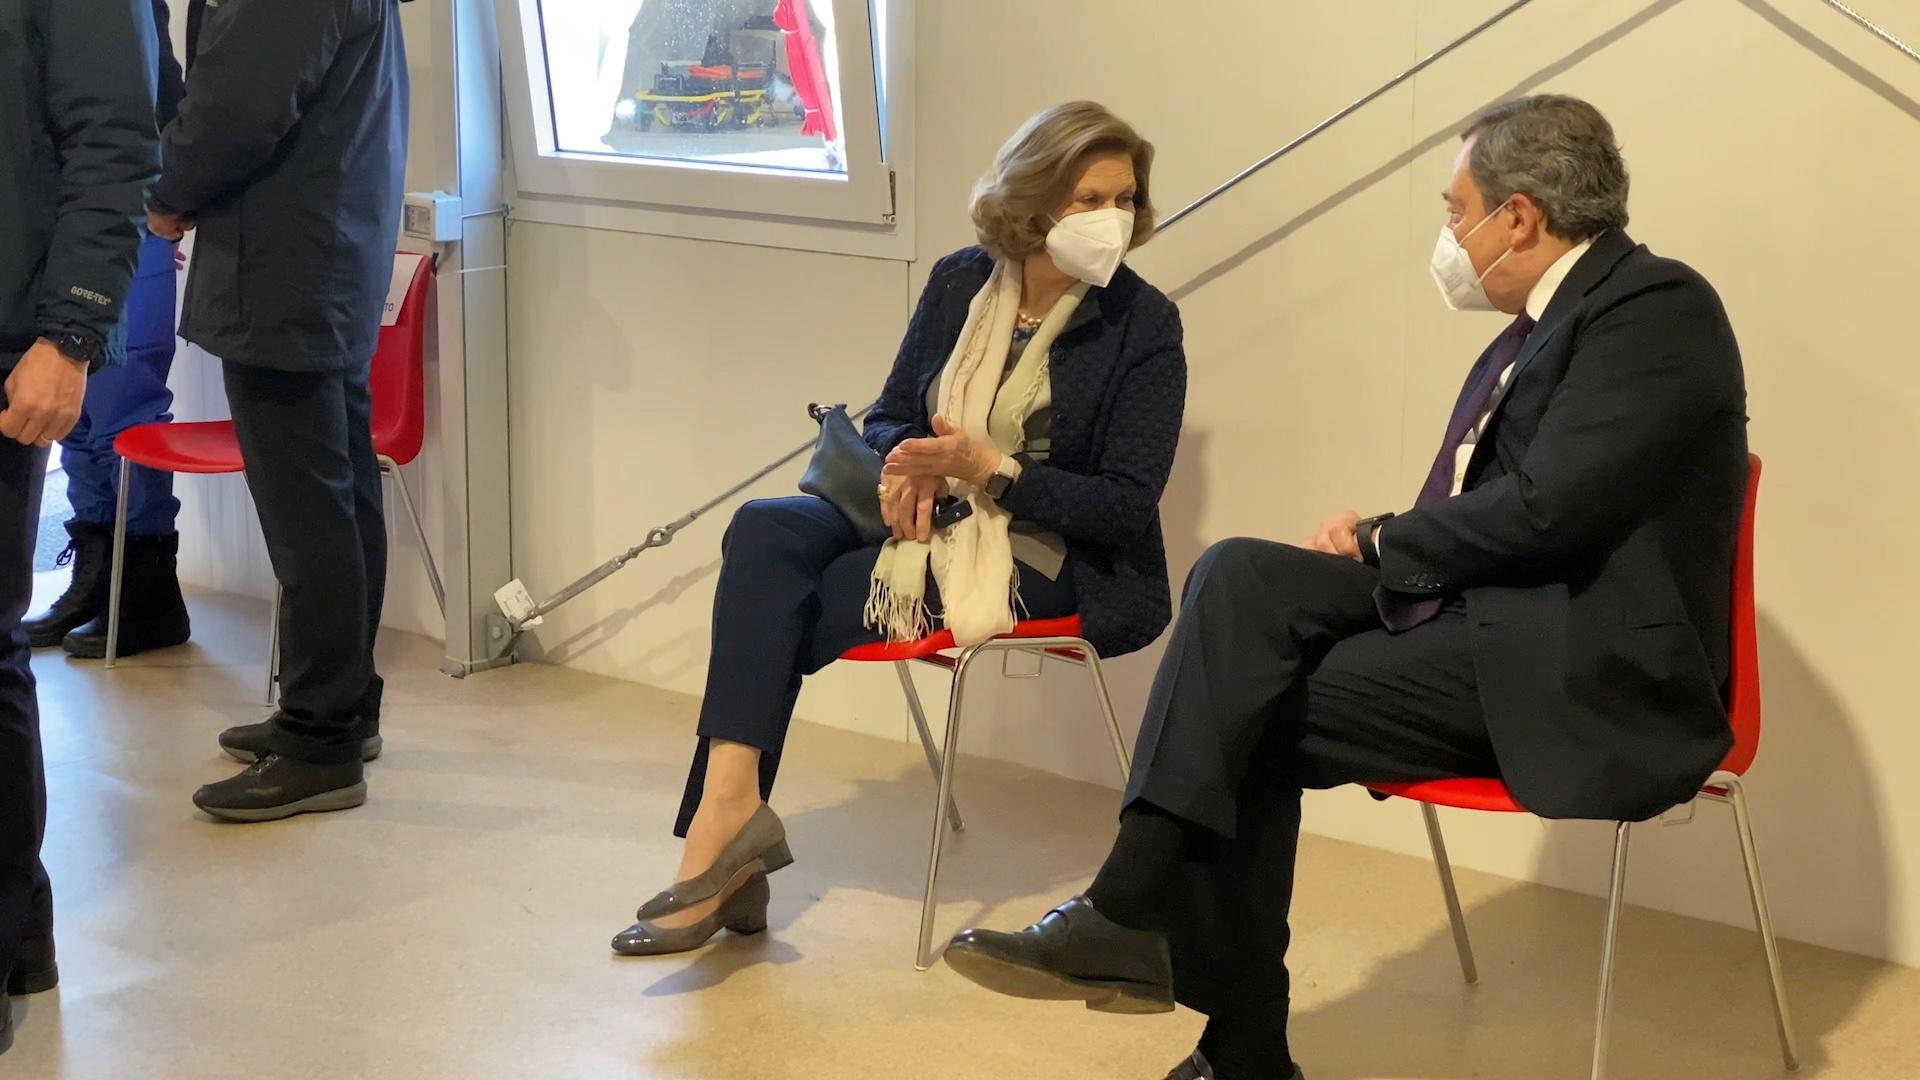 Ιταλία: Εμβολιάστηκε ο Μάριο Ντράγκι – Περίμενε υπομονετικά στη σειρά μαζί με τη σύζυγό του (pics)